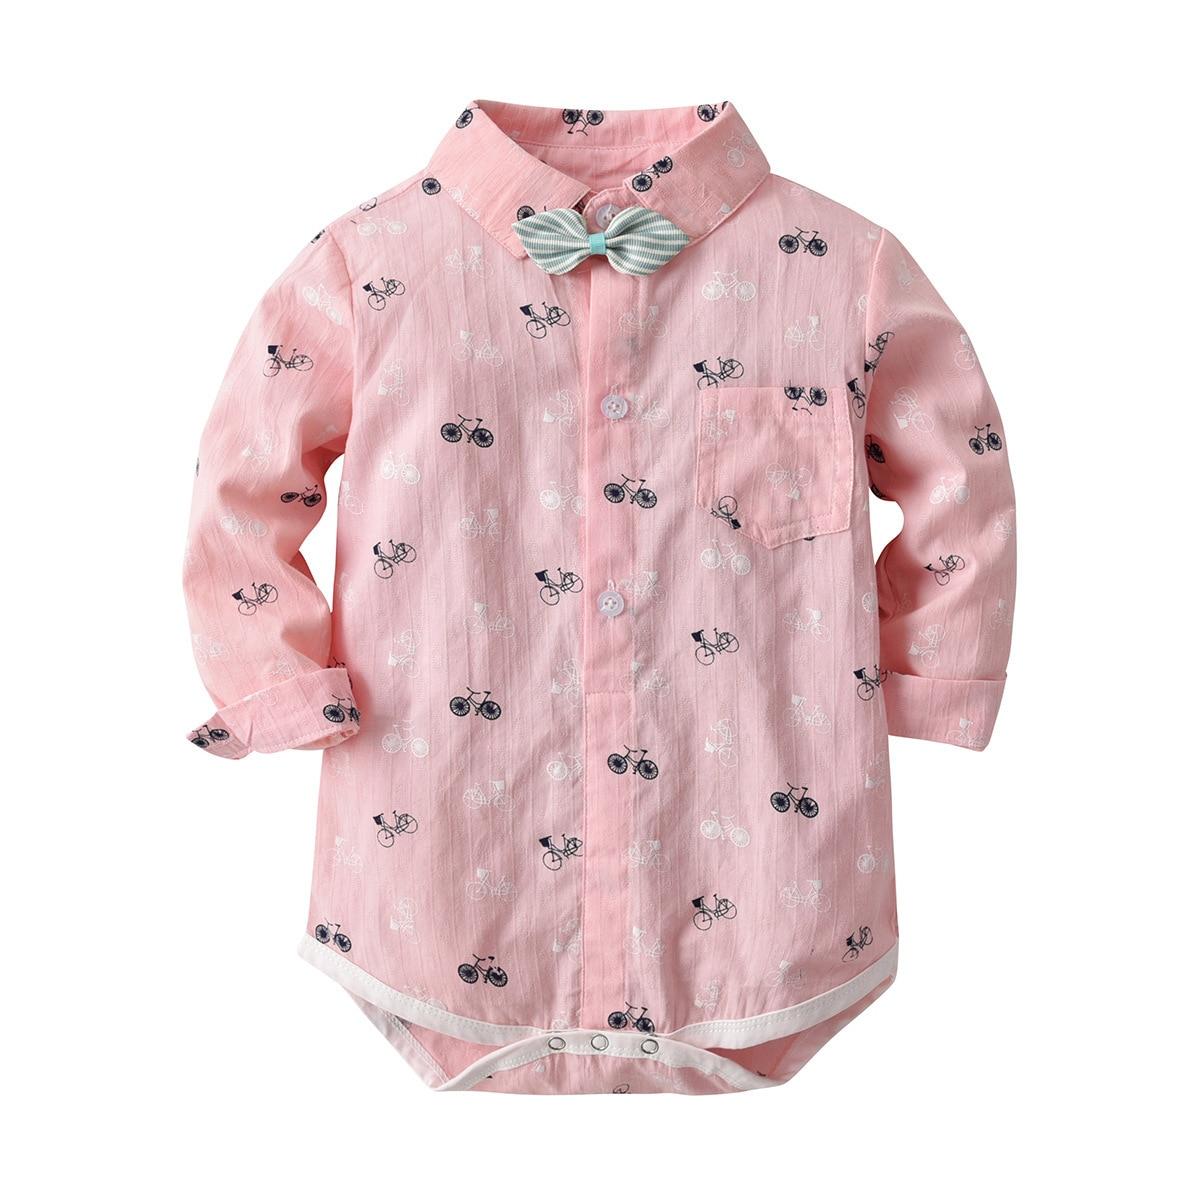 Детский комбинезон Oklady с коротким рукавом из 100% хлопка Одежда для новорожденных